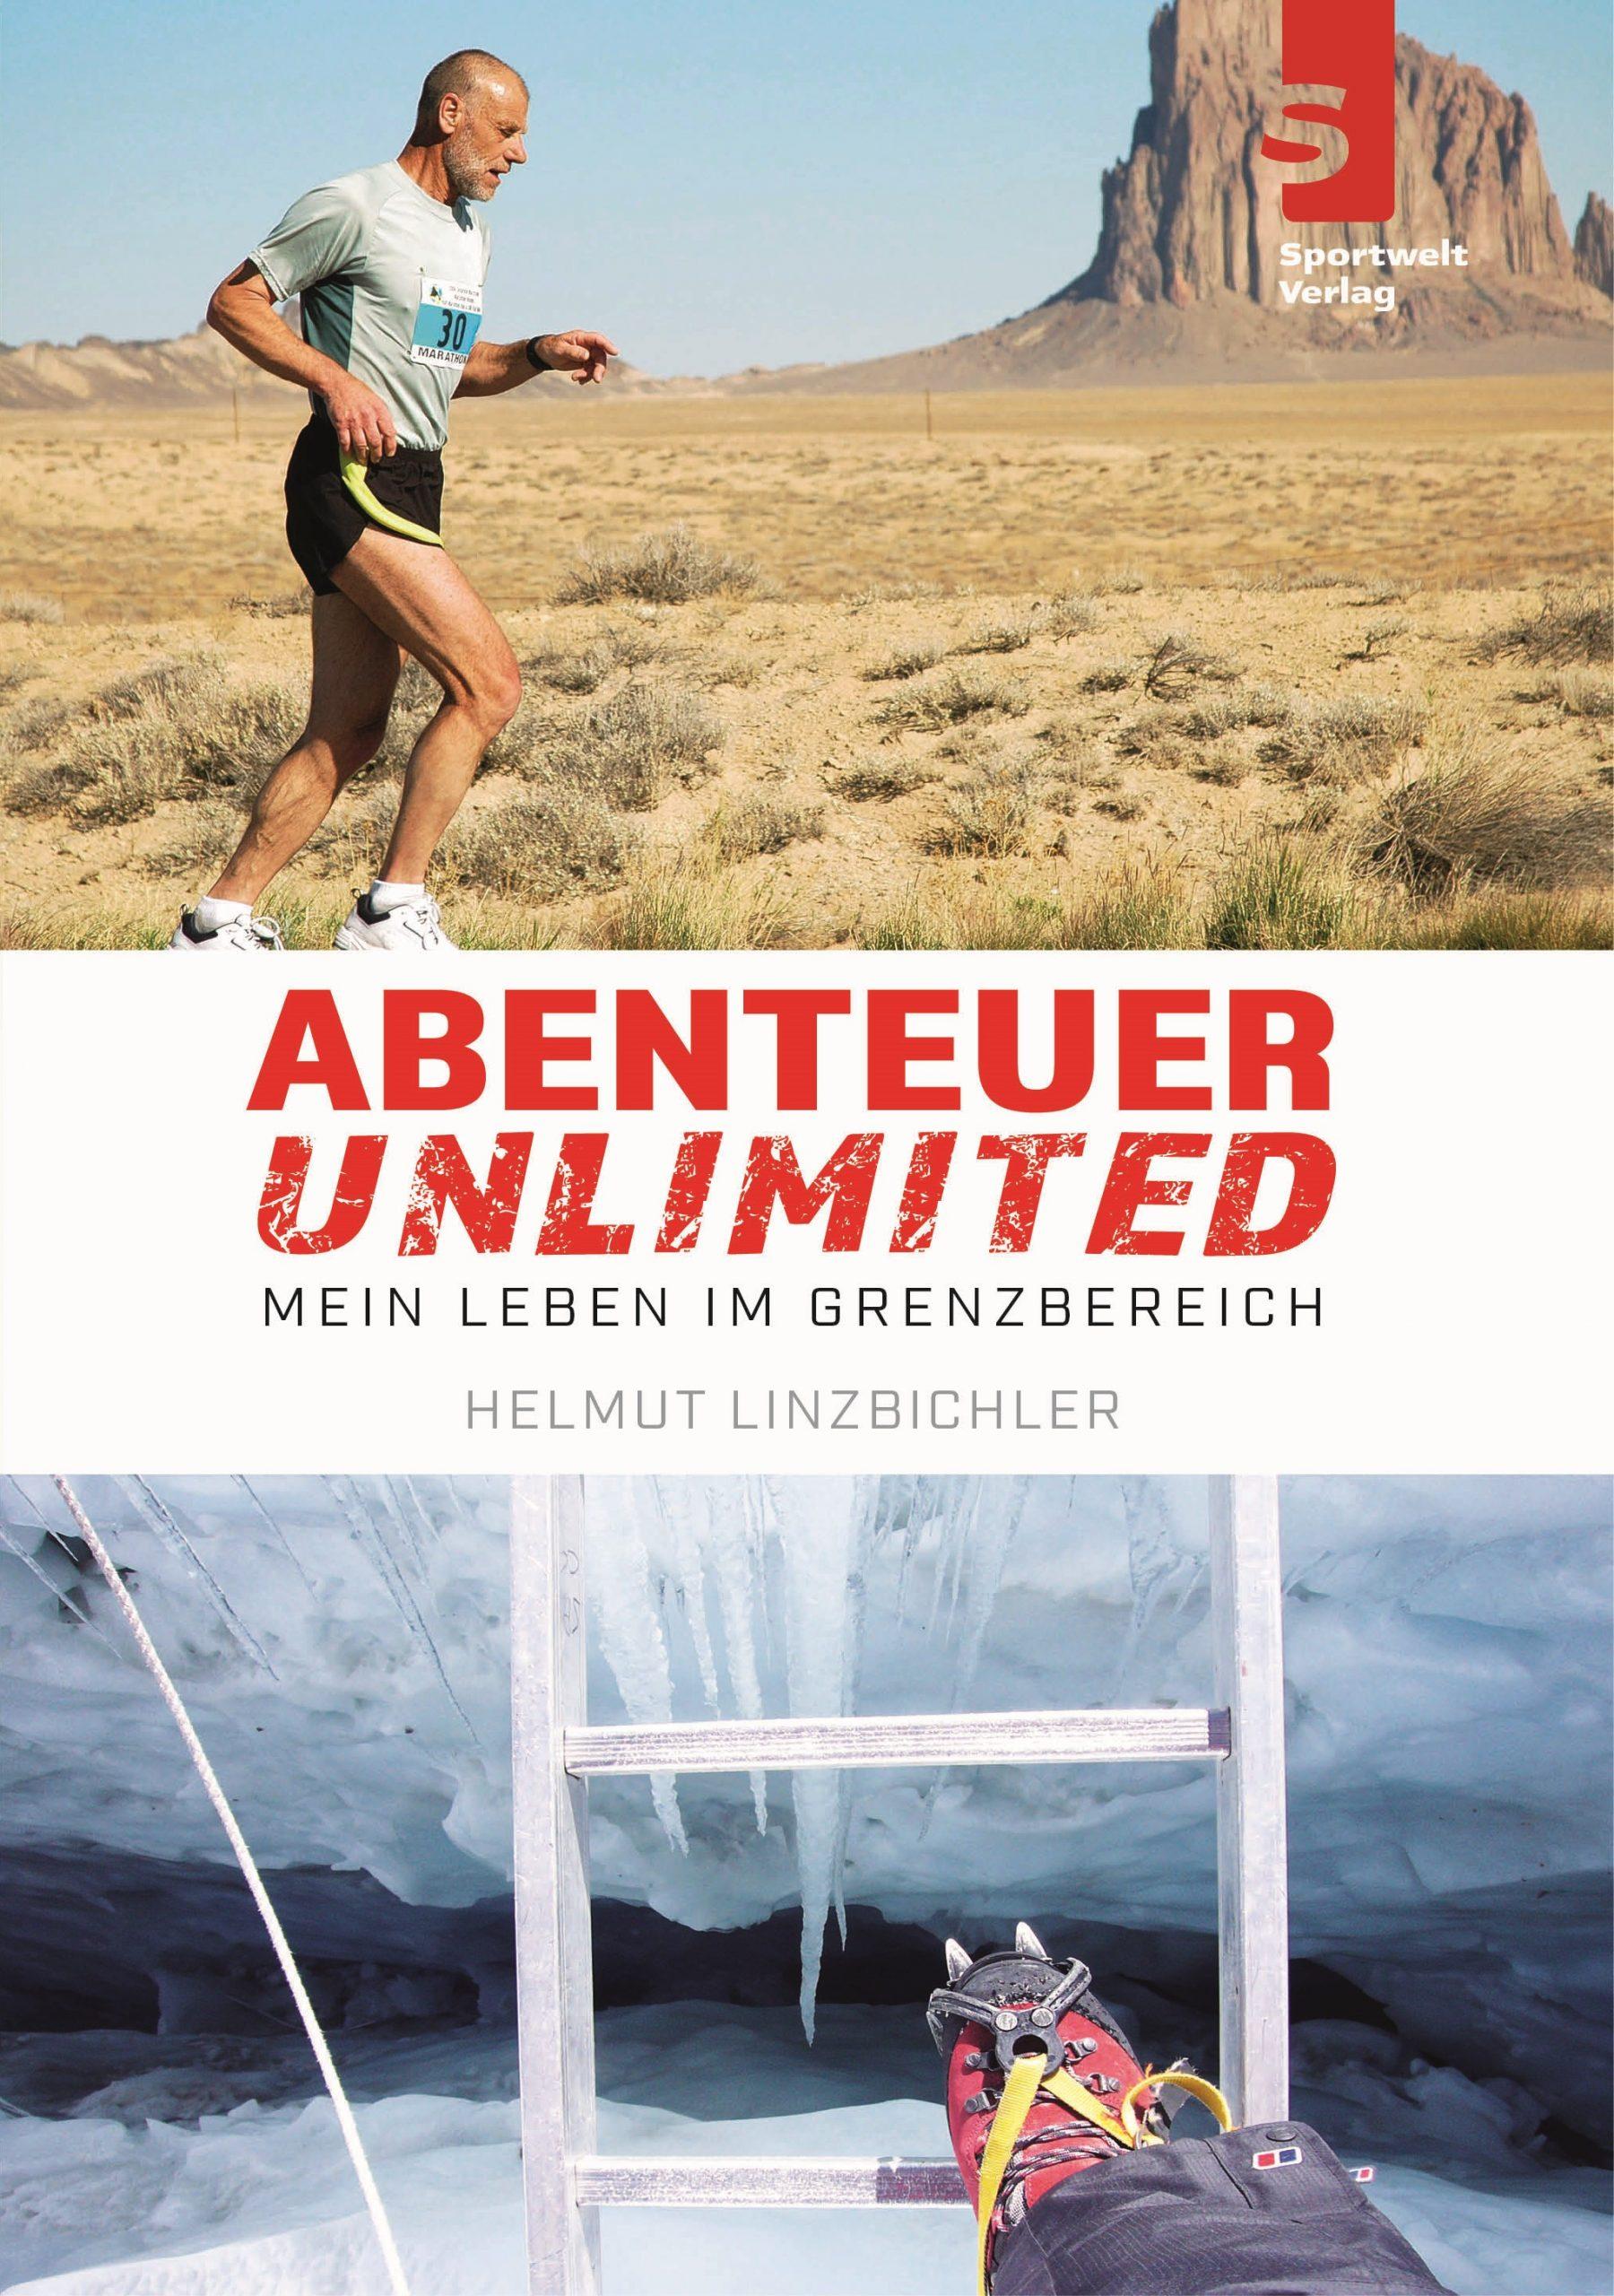 Nils' Lauflektüre: Abenteuer Unlimited – Helmut Linzbichler - #Nilsläuft